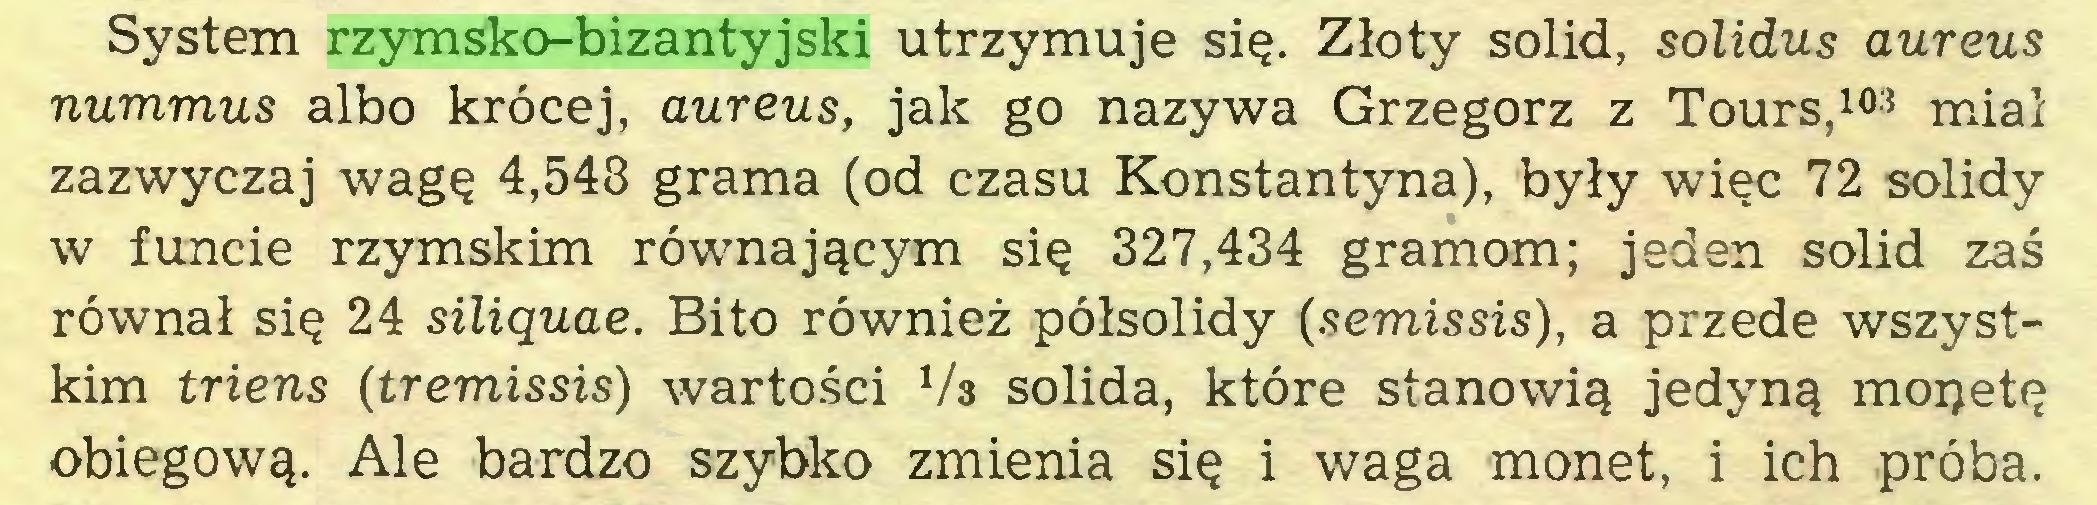 (...) System rzymsko-bizantyjski utrzymuje się. Złoty solid, solidus aureus nummus albo krócej, aureus, jak go nazywa Grzegorz z Tours,103 miał zazwyczaj wagę 4,548 grama (od czasu Konstantyna), były więc 72 solidy w funcie rzymskim równającym się 327,434 gramom; jeden solid zaś równał się 24 siliąuae. Bito również półsolidy {semissis), a przede wszystkim triens (tremissis) wartości 1/s solida, które stanowią jedyną mopetę obiegową. Ale bardzo szybko zmienia się i waga monet, i ich próba...